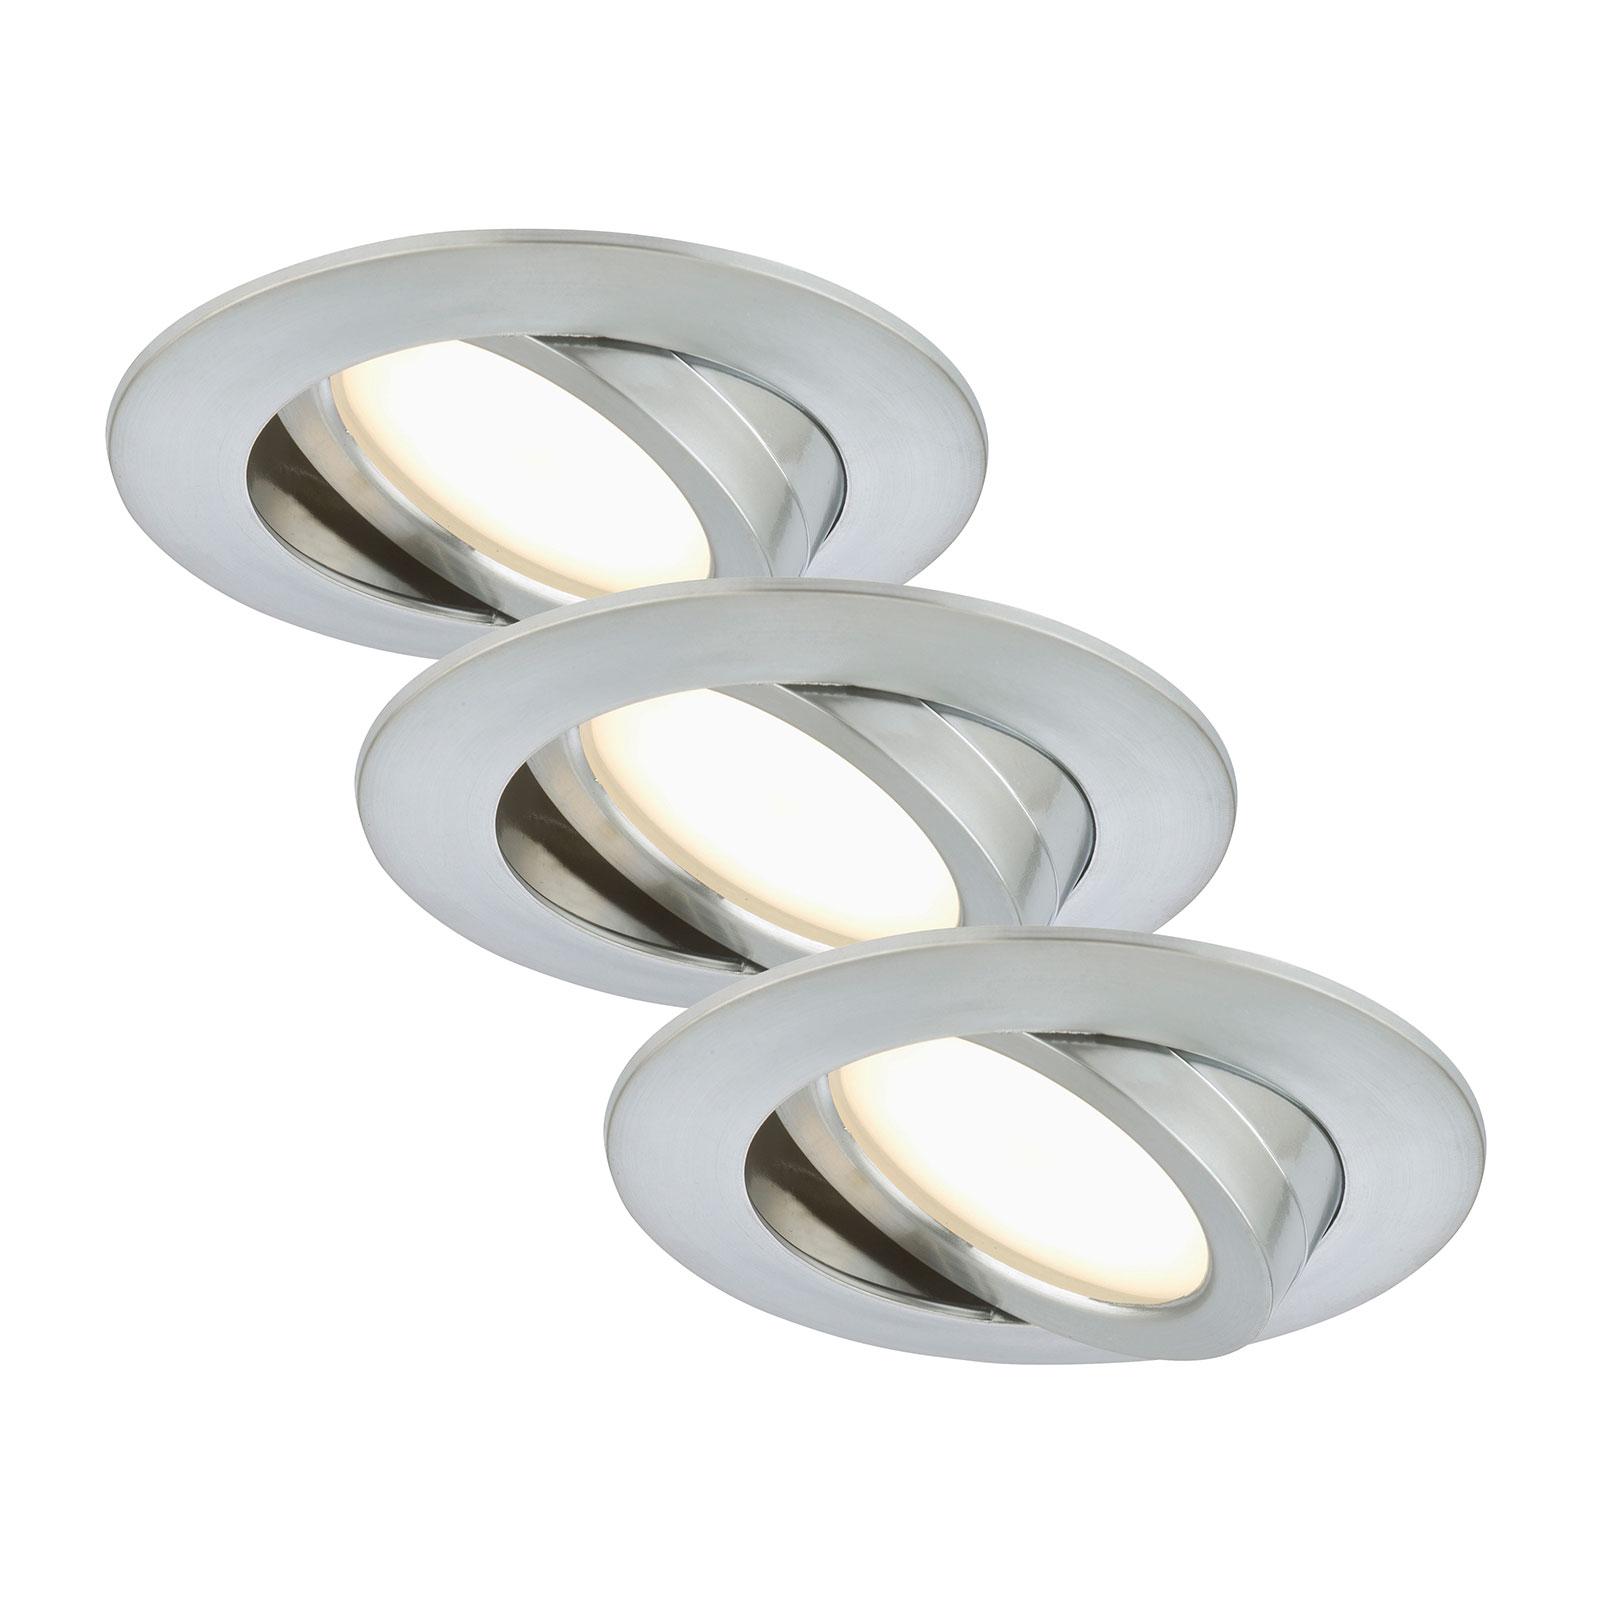 Trojitá sada - LED podhledové svítidlo Bert otočné